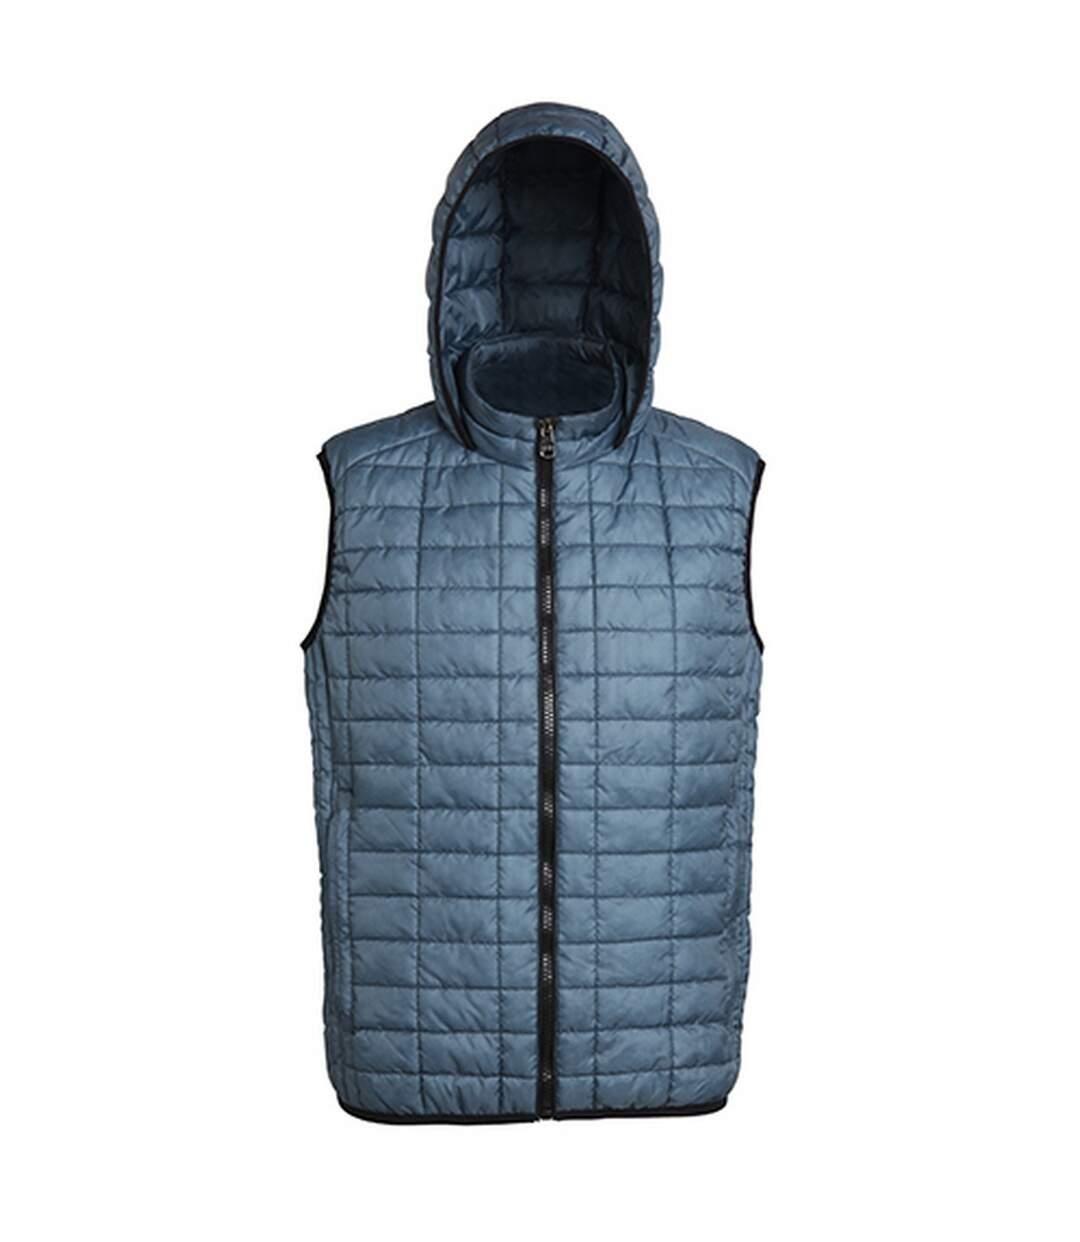 2786 Mens Honeycomb Zip Up Hooded Gilet/Bodywarmer (Steel) - UTRW5261